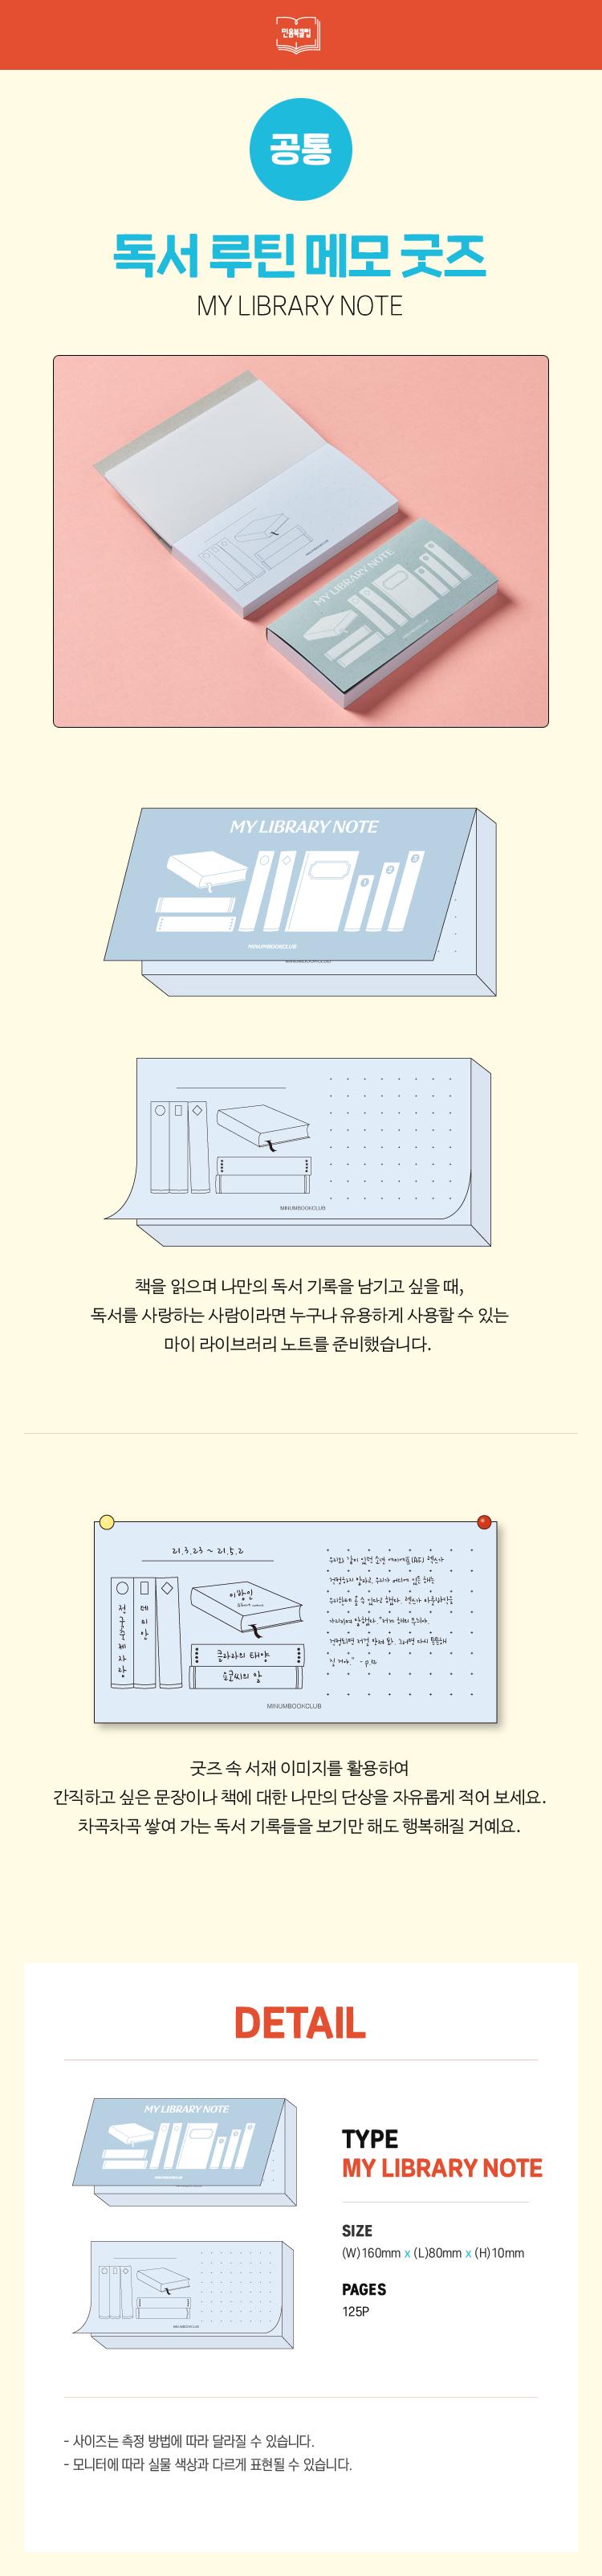 750_민음북클럽_팝업_독서루틴_01_공통메모굿즈